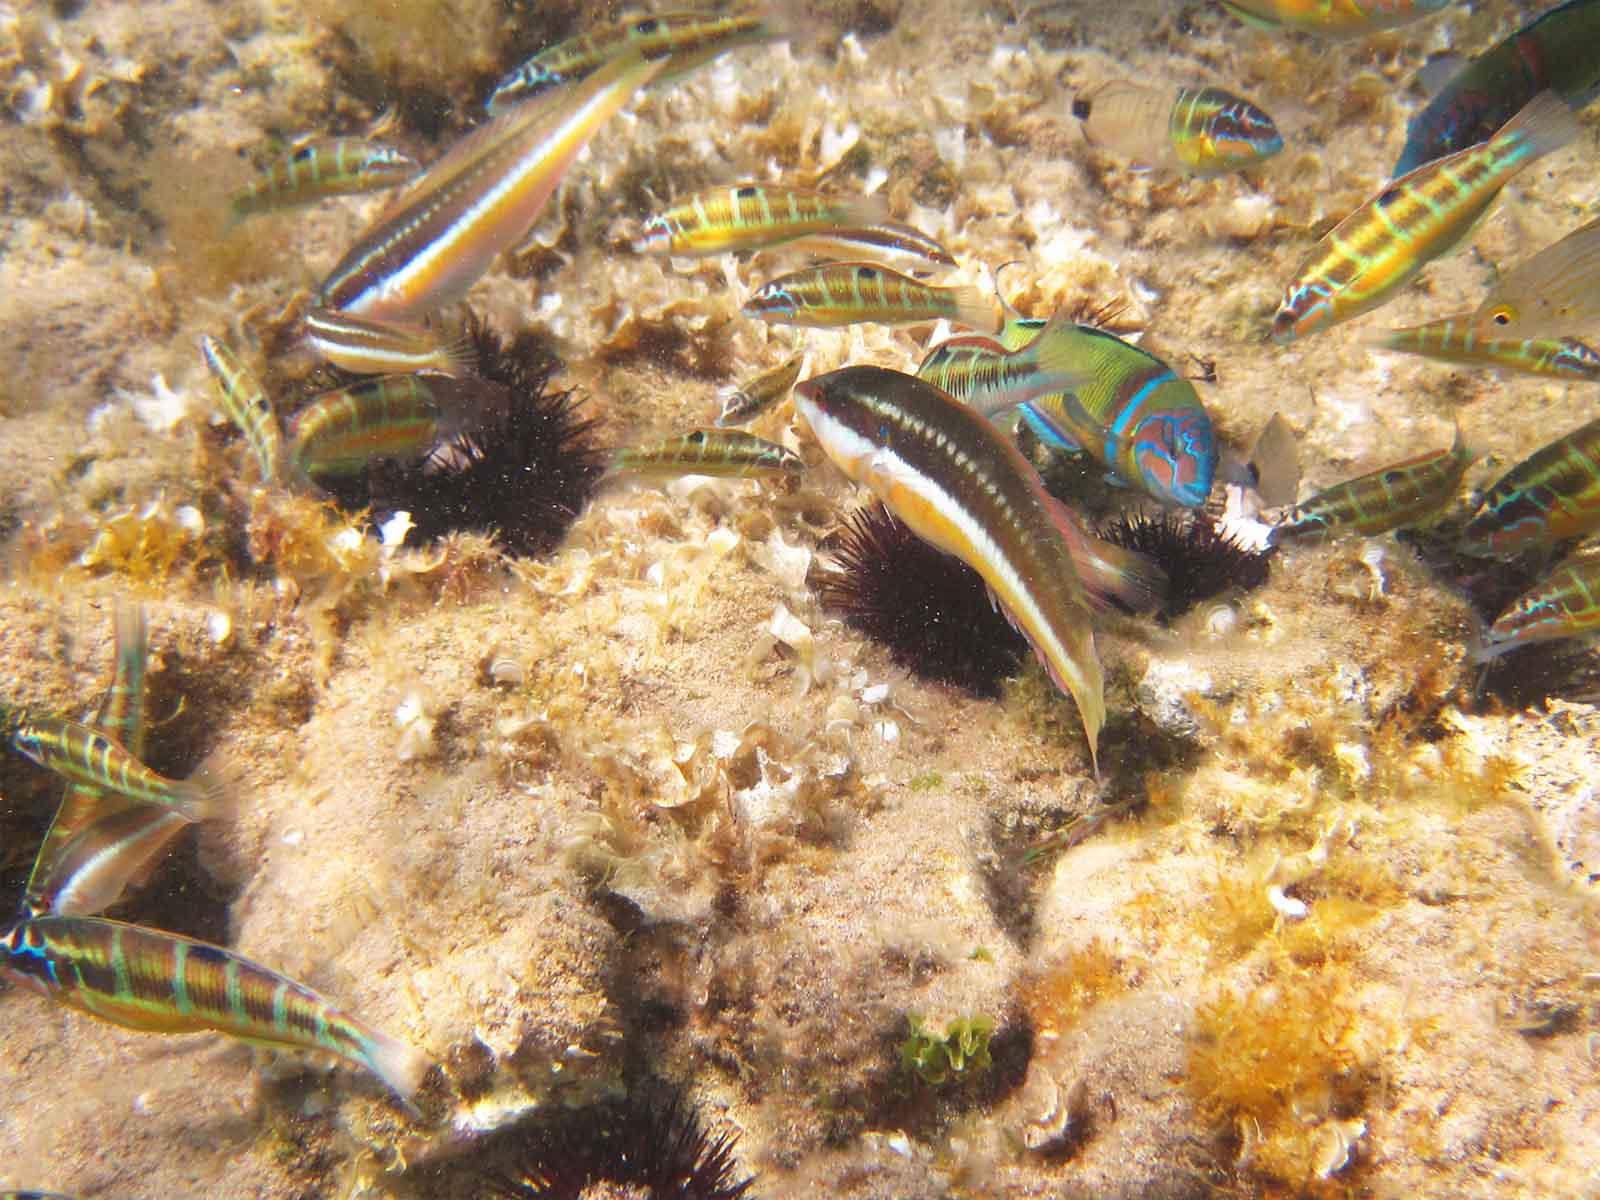 Ενημερωθείτε για την Θαλάσσια ζωή της Κέρκυρας στο mykerkyra.com